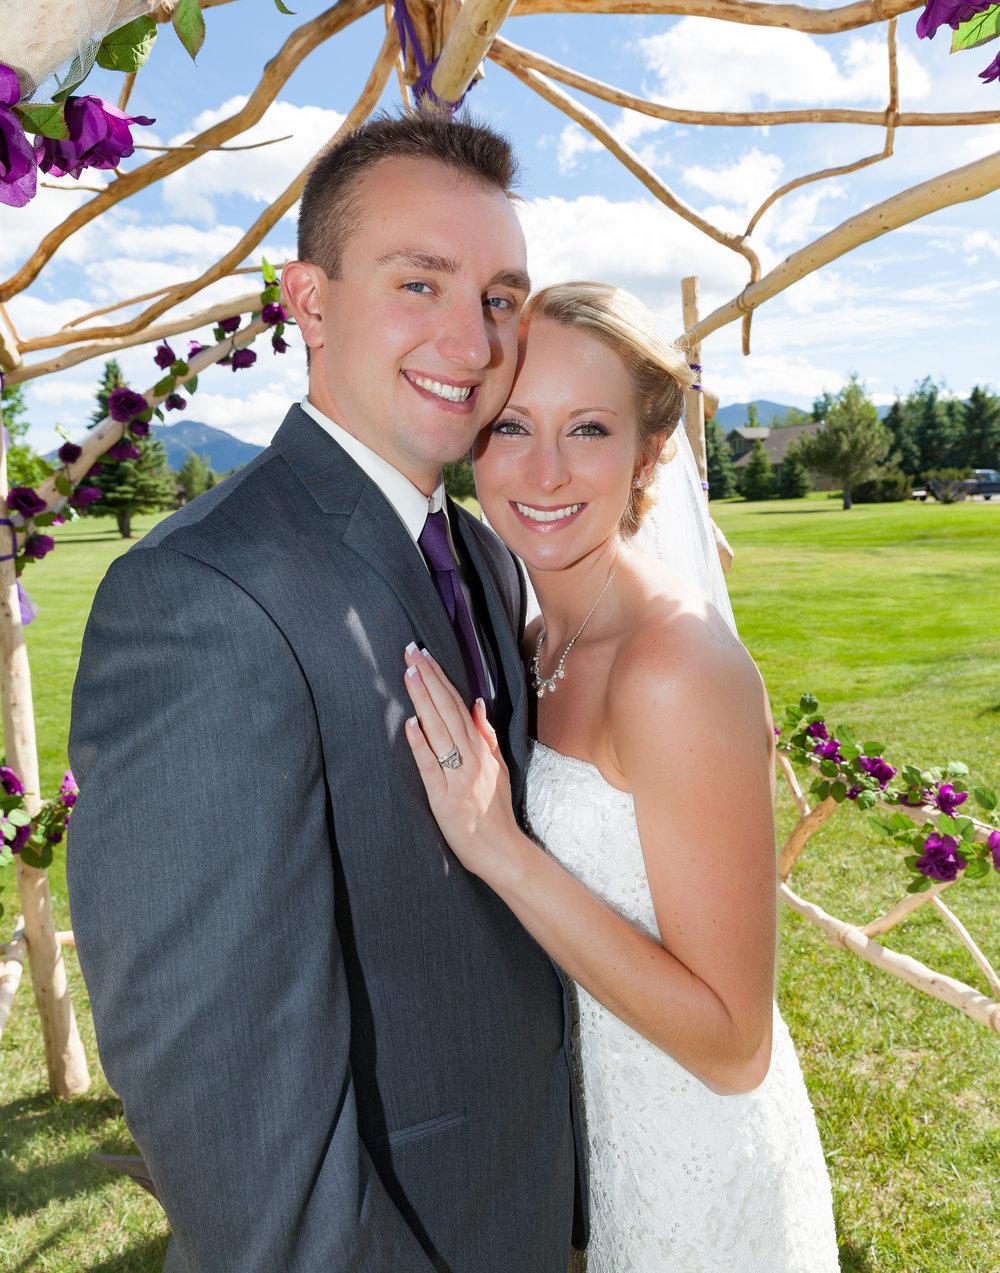 Riley-Cardenas Wedding 6-17-2017-303.jpg